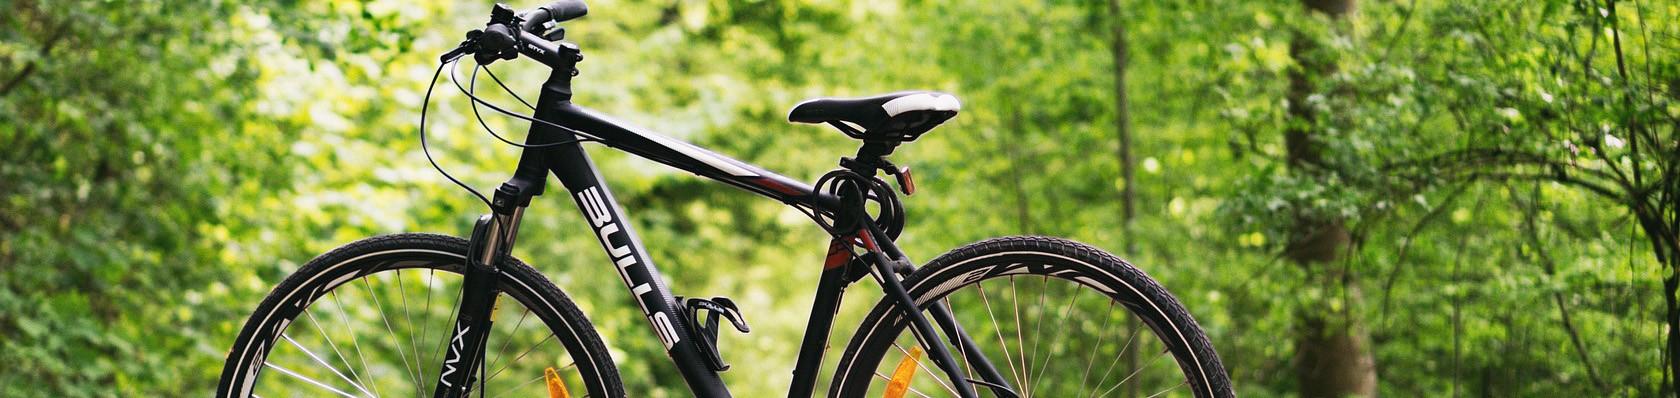 Crossräder im Test auf ExpertenTesten.de